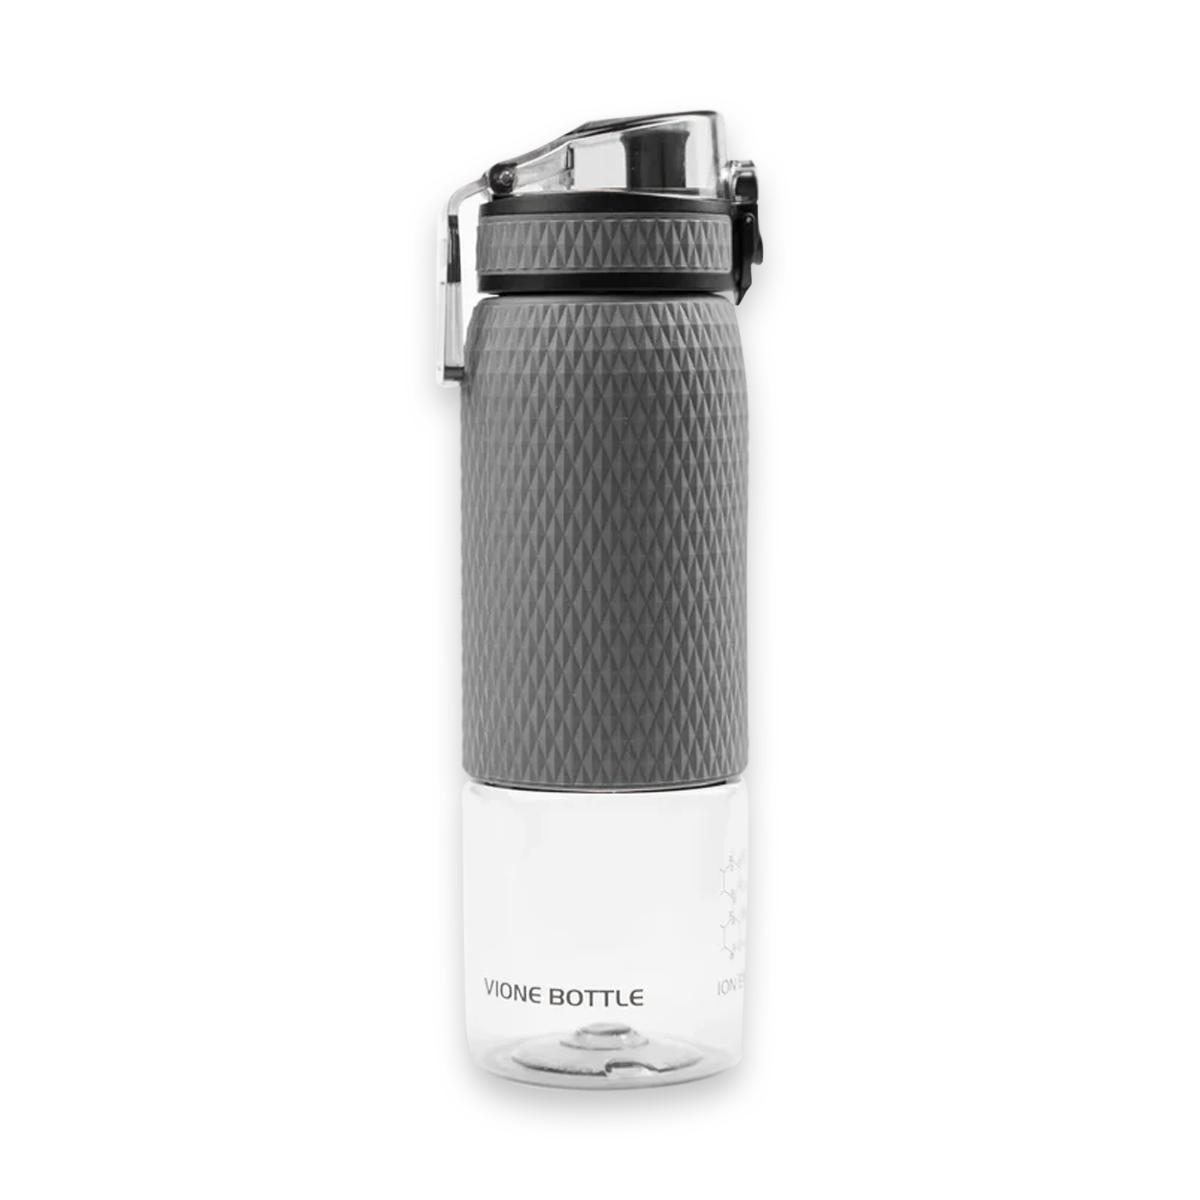 Генератор водородной воды Vione Mineral Bottle очищает воду от хлора и тяжелых металлов